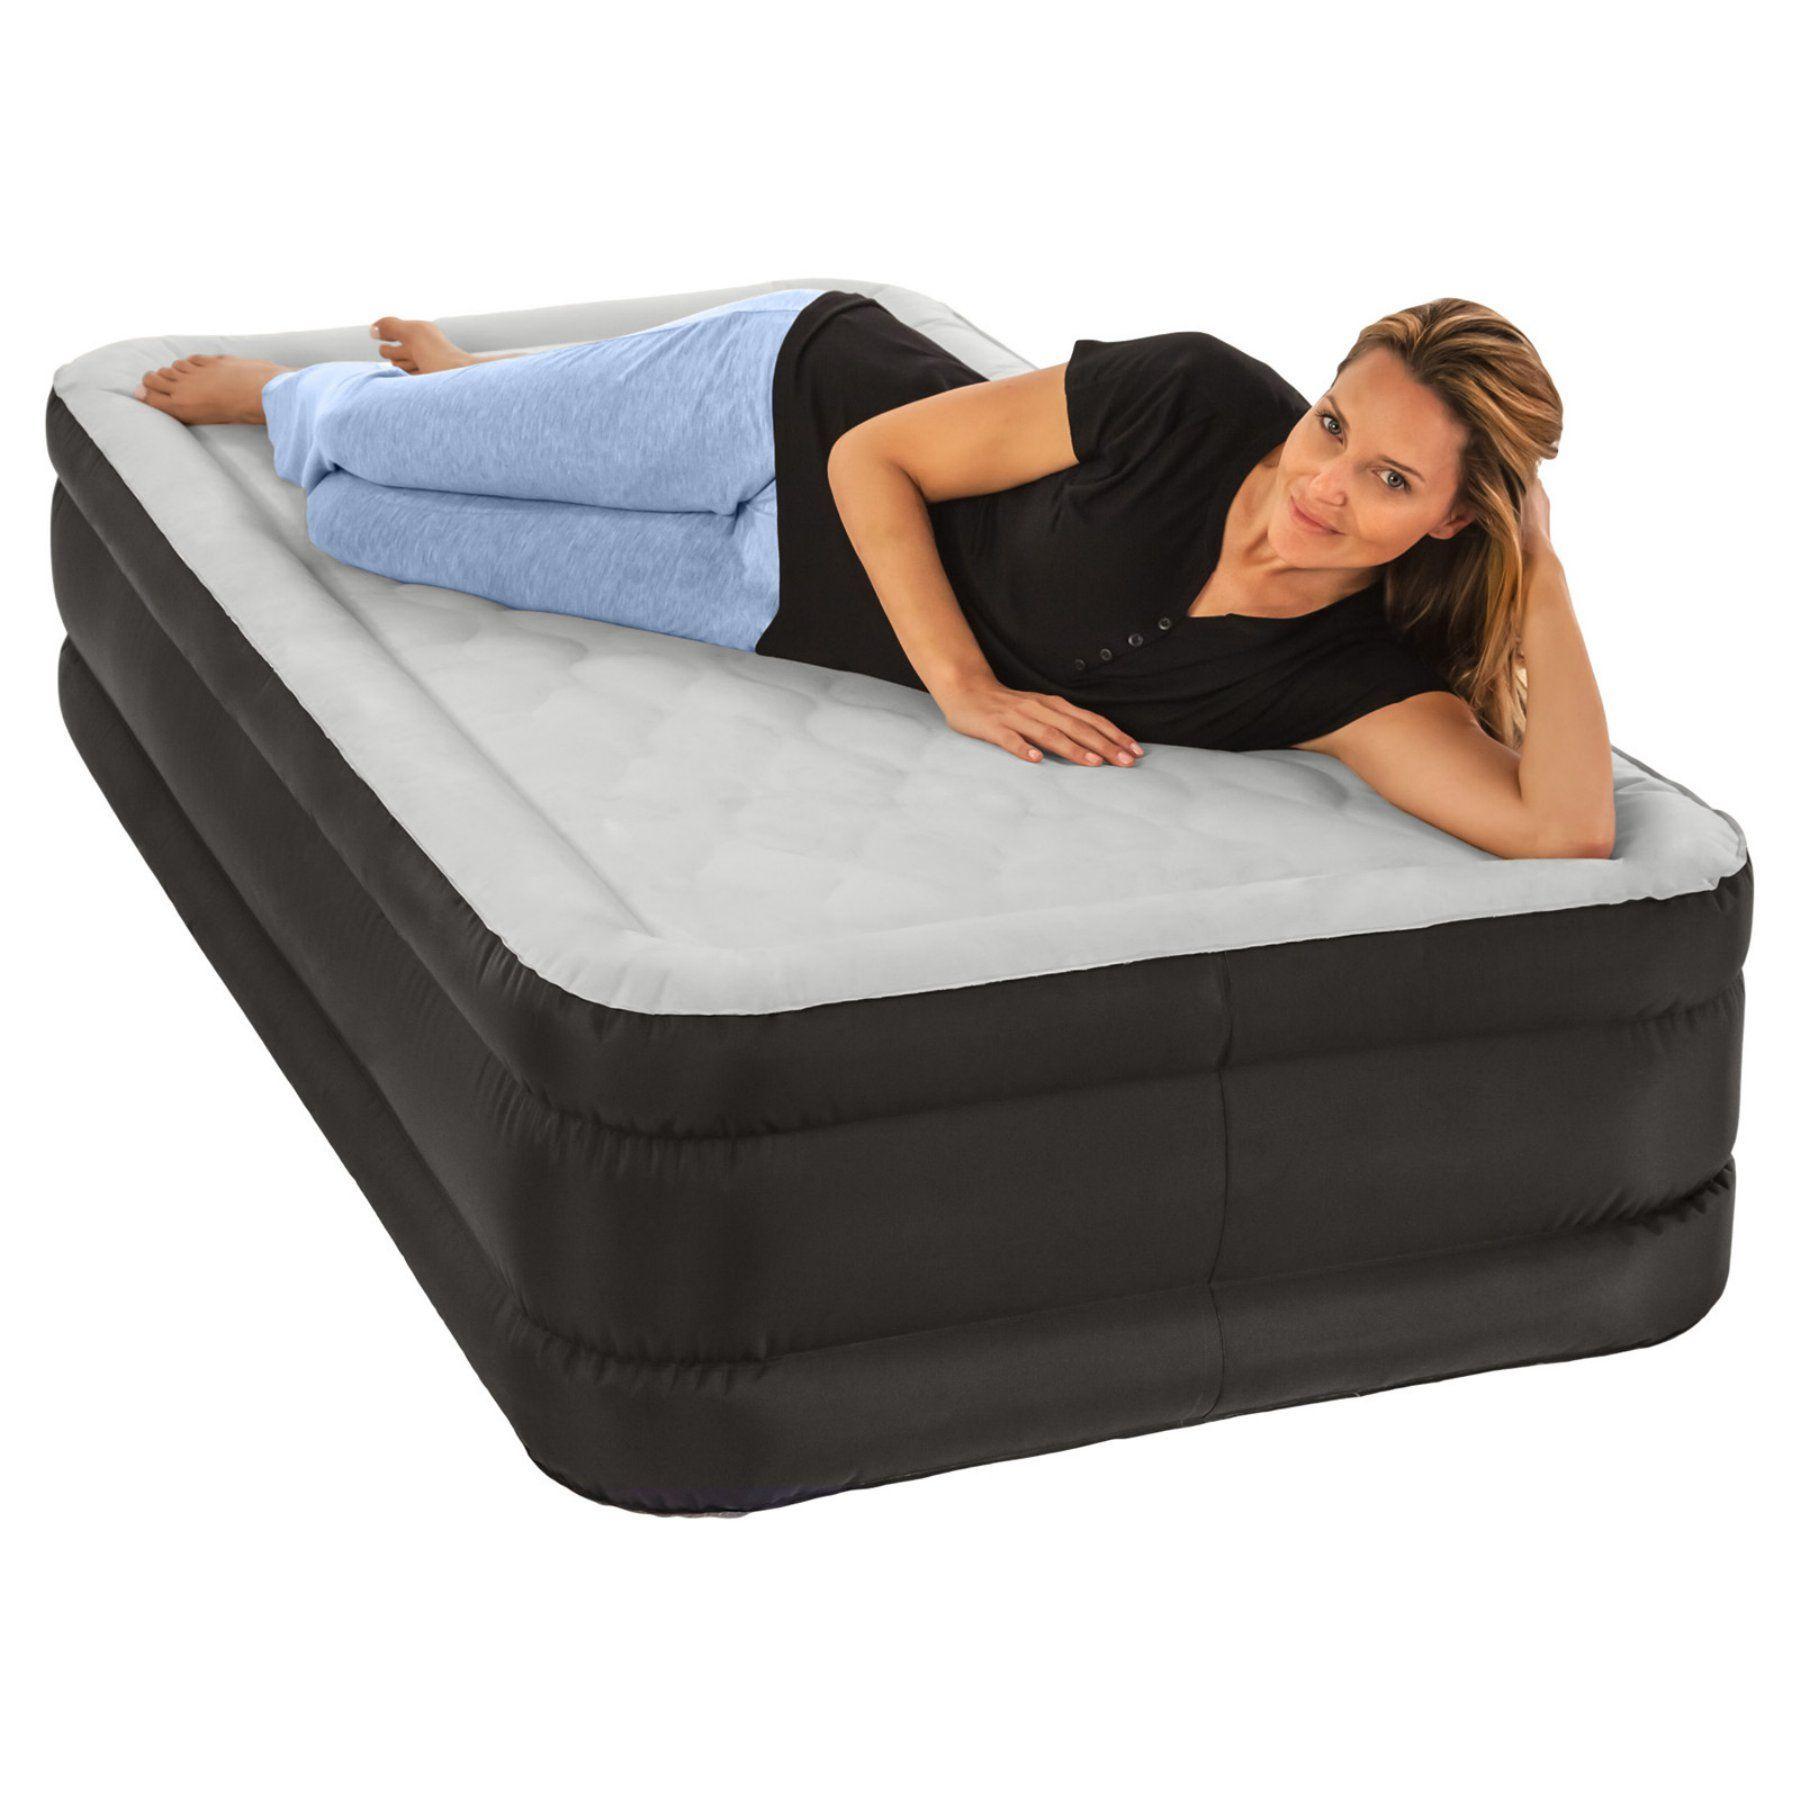 4389e242a31 Air Comfort Deep Sleep Twin Size Raised Air Mattress - 6104TRB ...